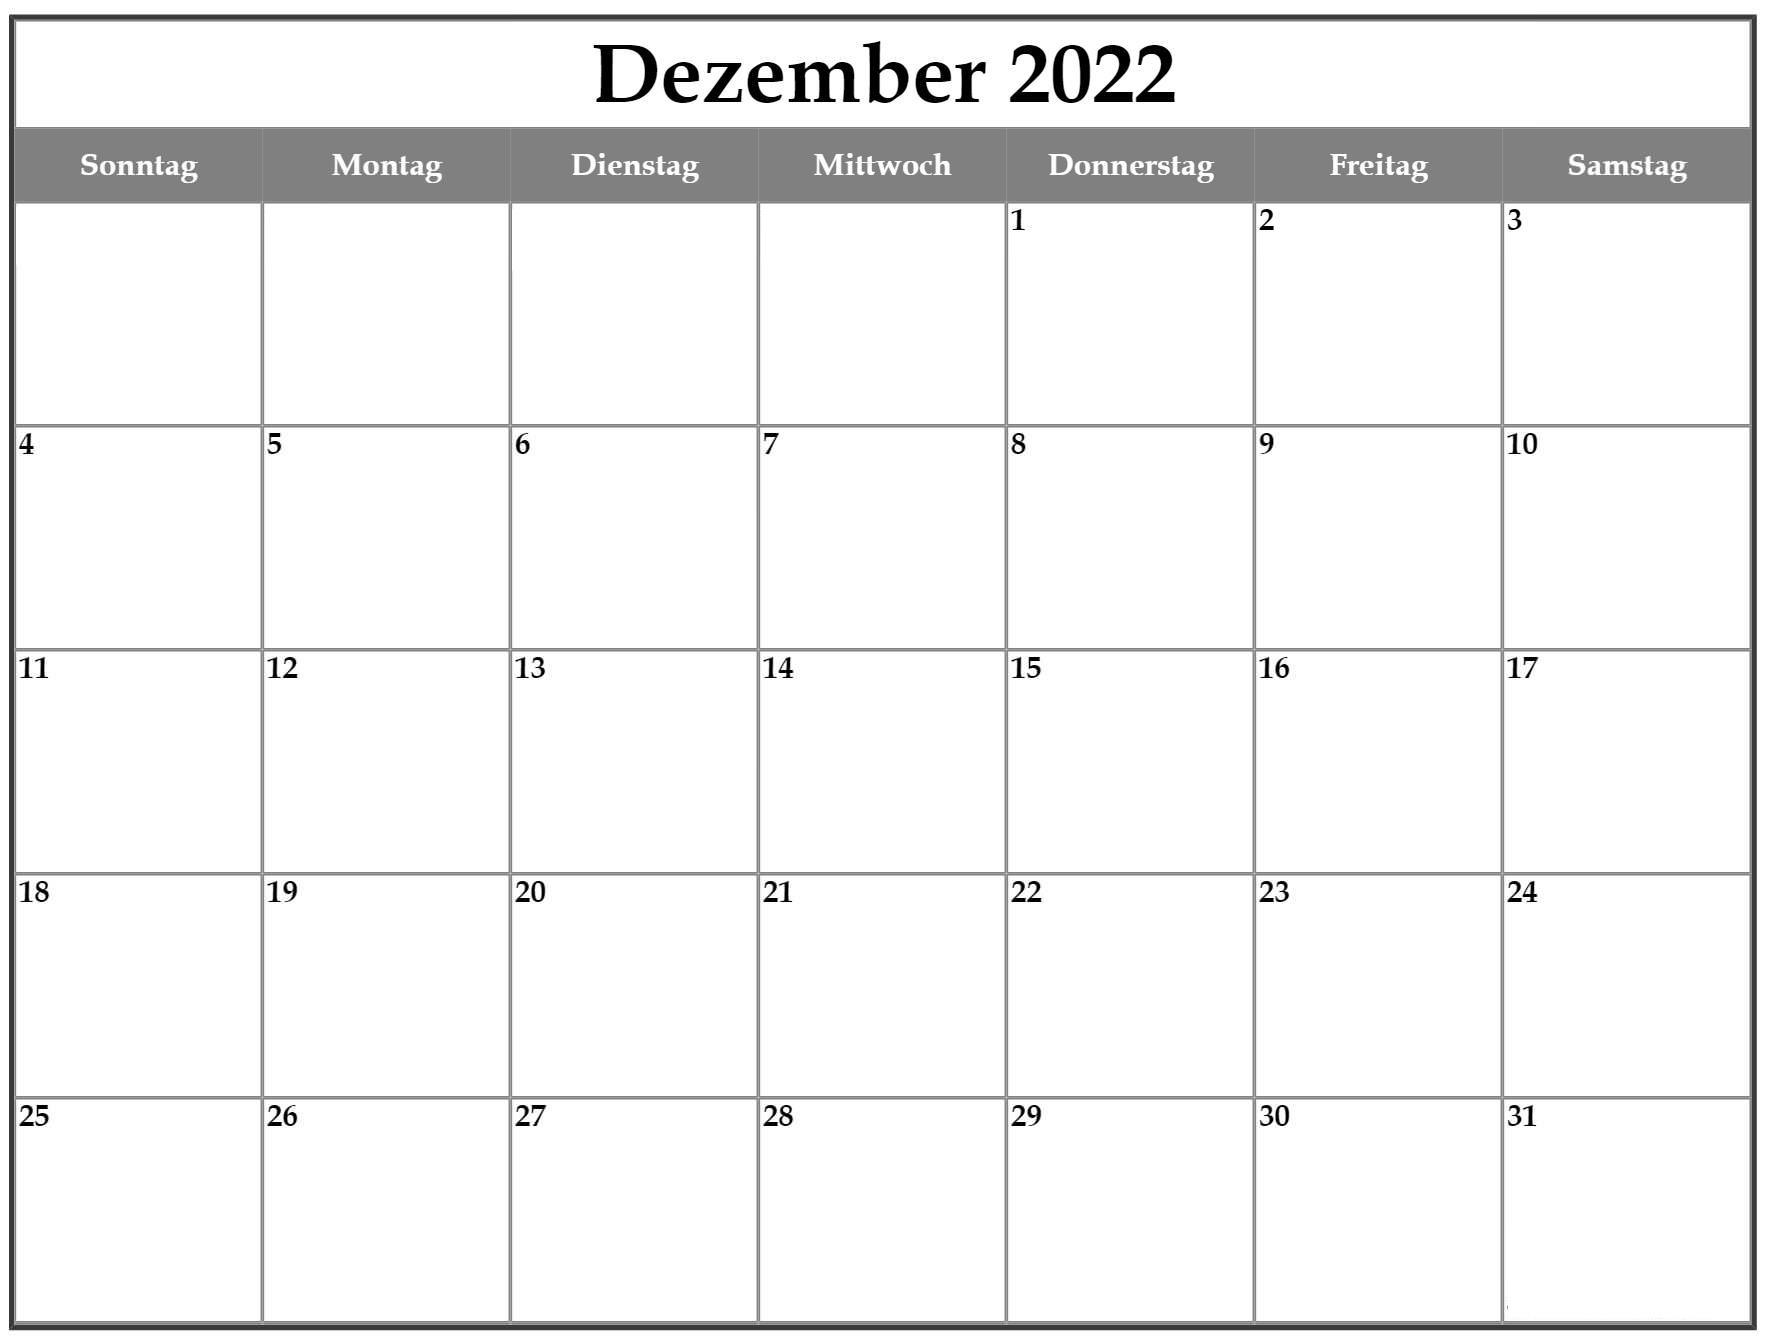 Dezember 2022 Kalender Zum Ausdrucken